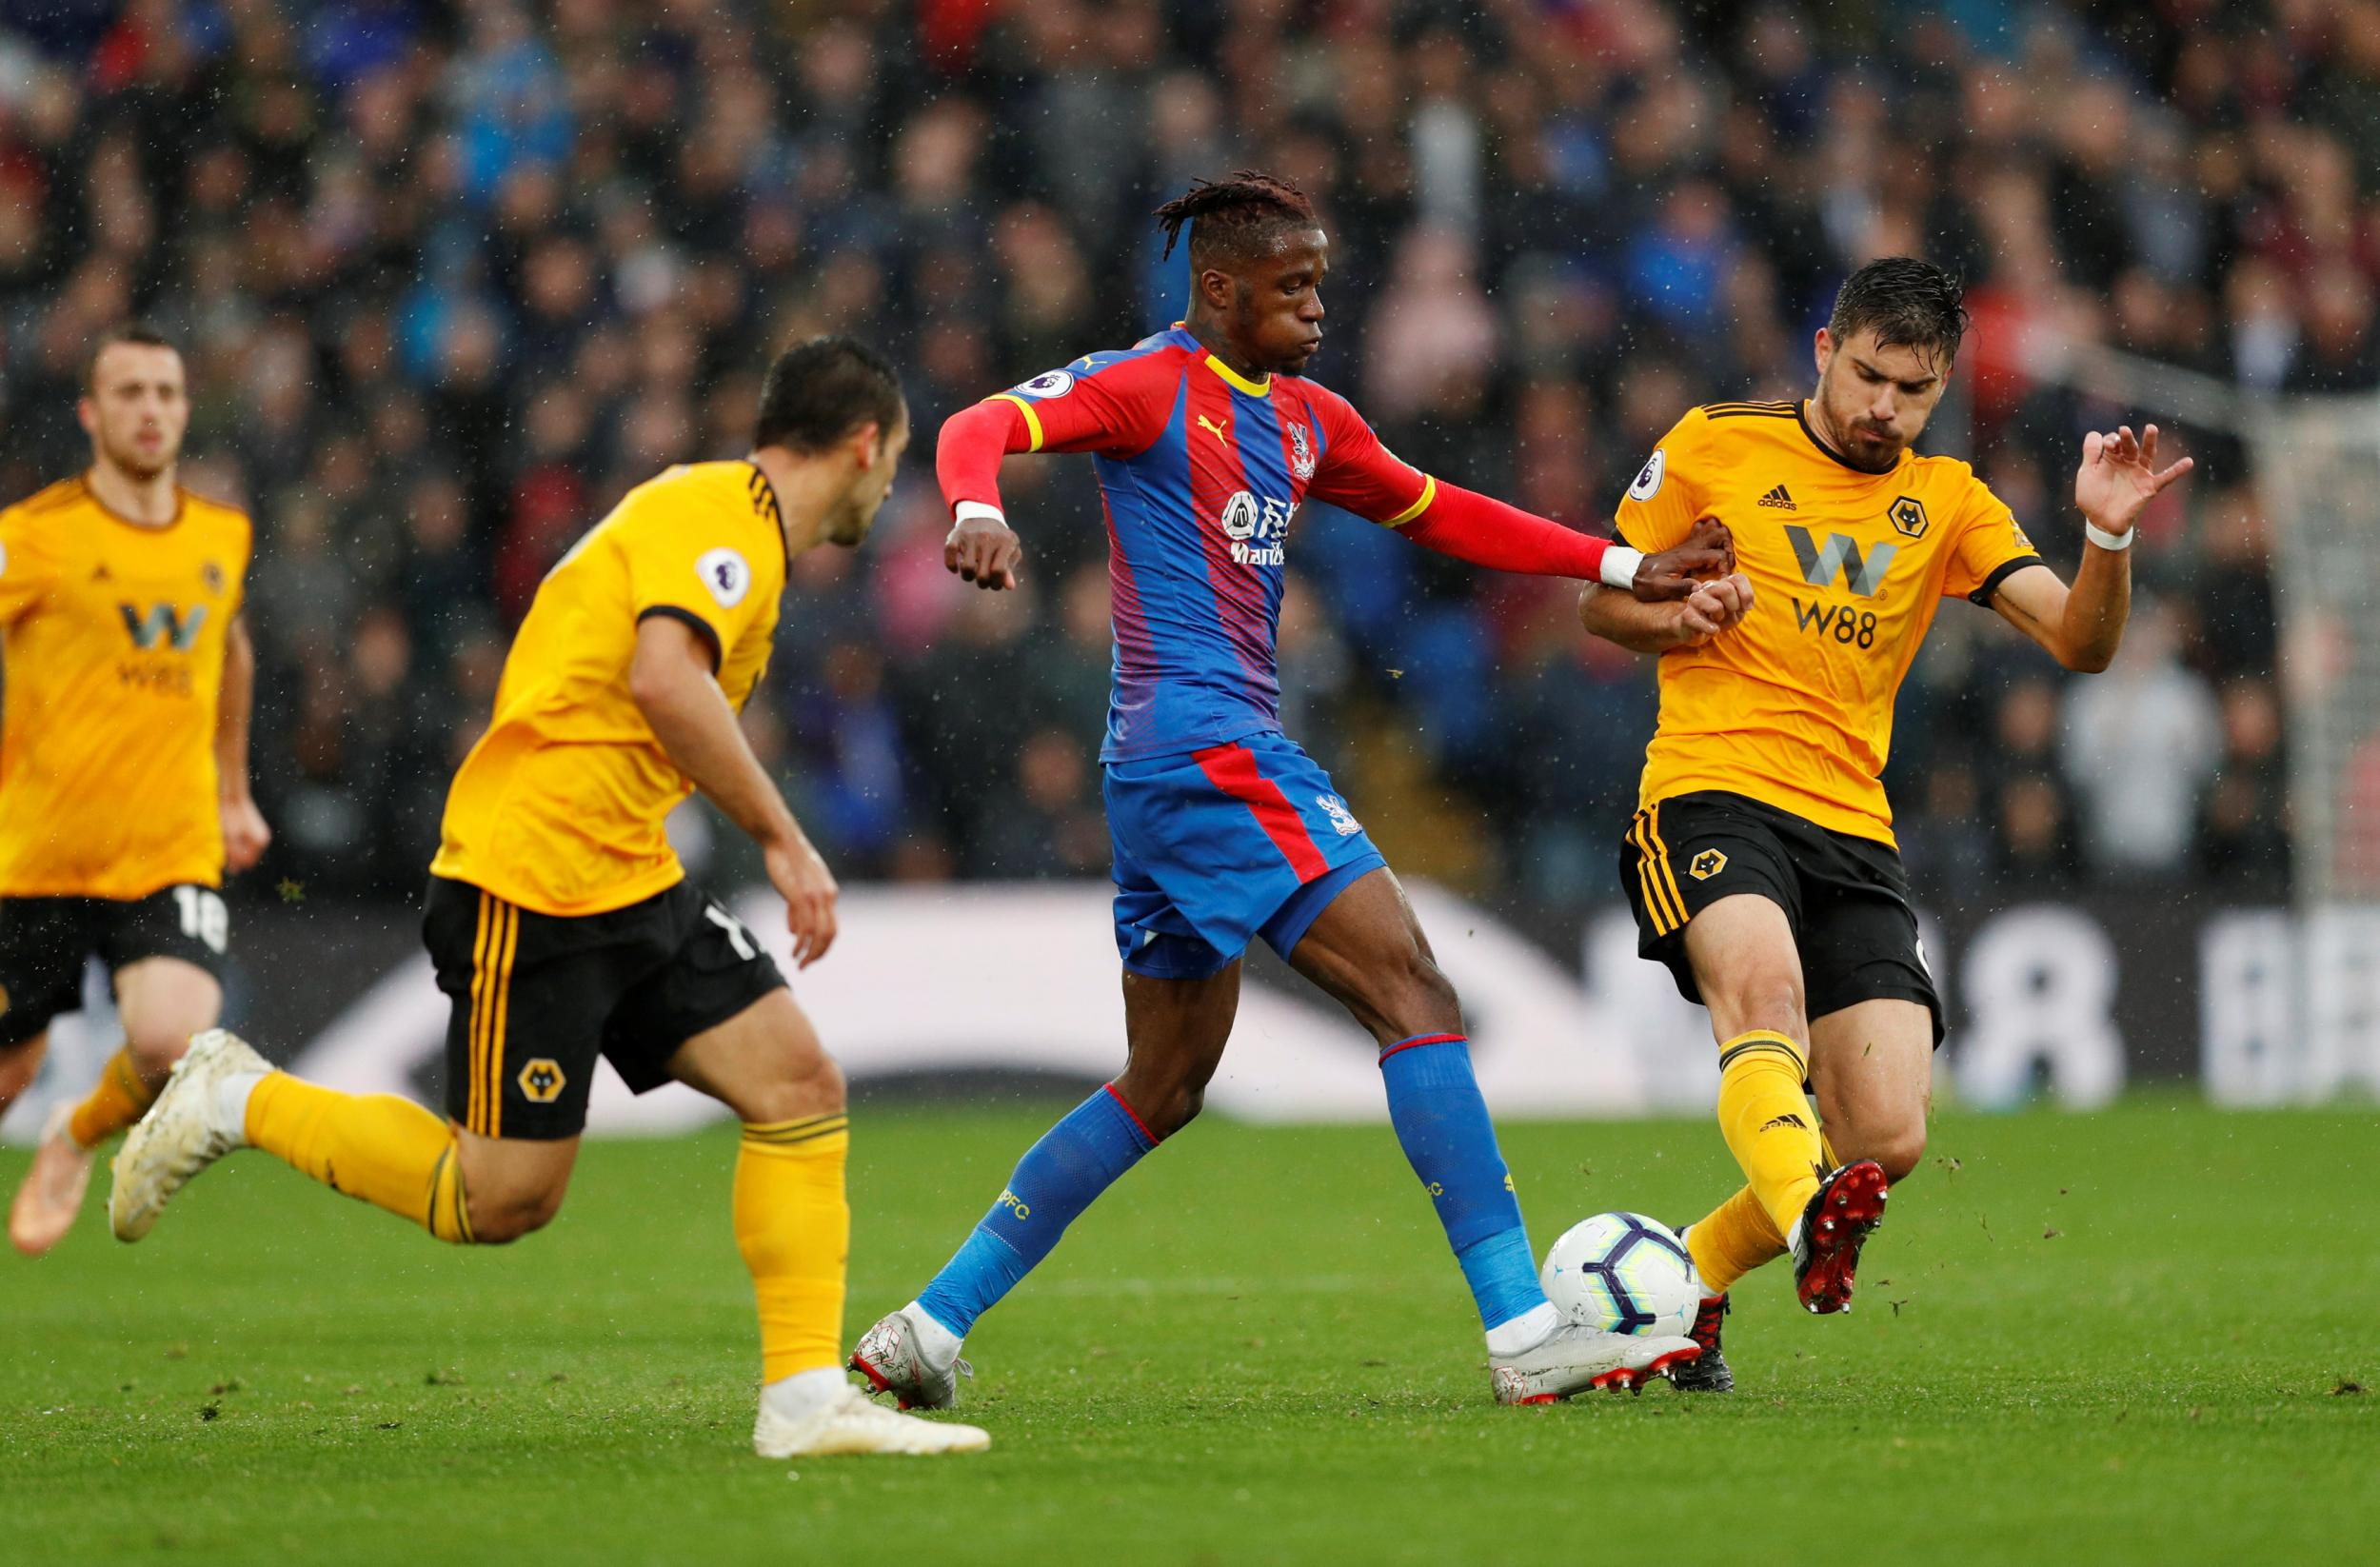 Soi kèo Wolves vs Crystal Palace, 03h00 ngày 31/10, Ngoại hạng Anh